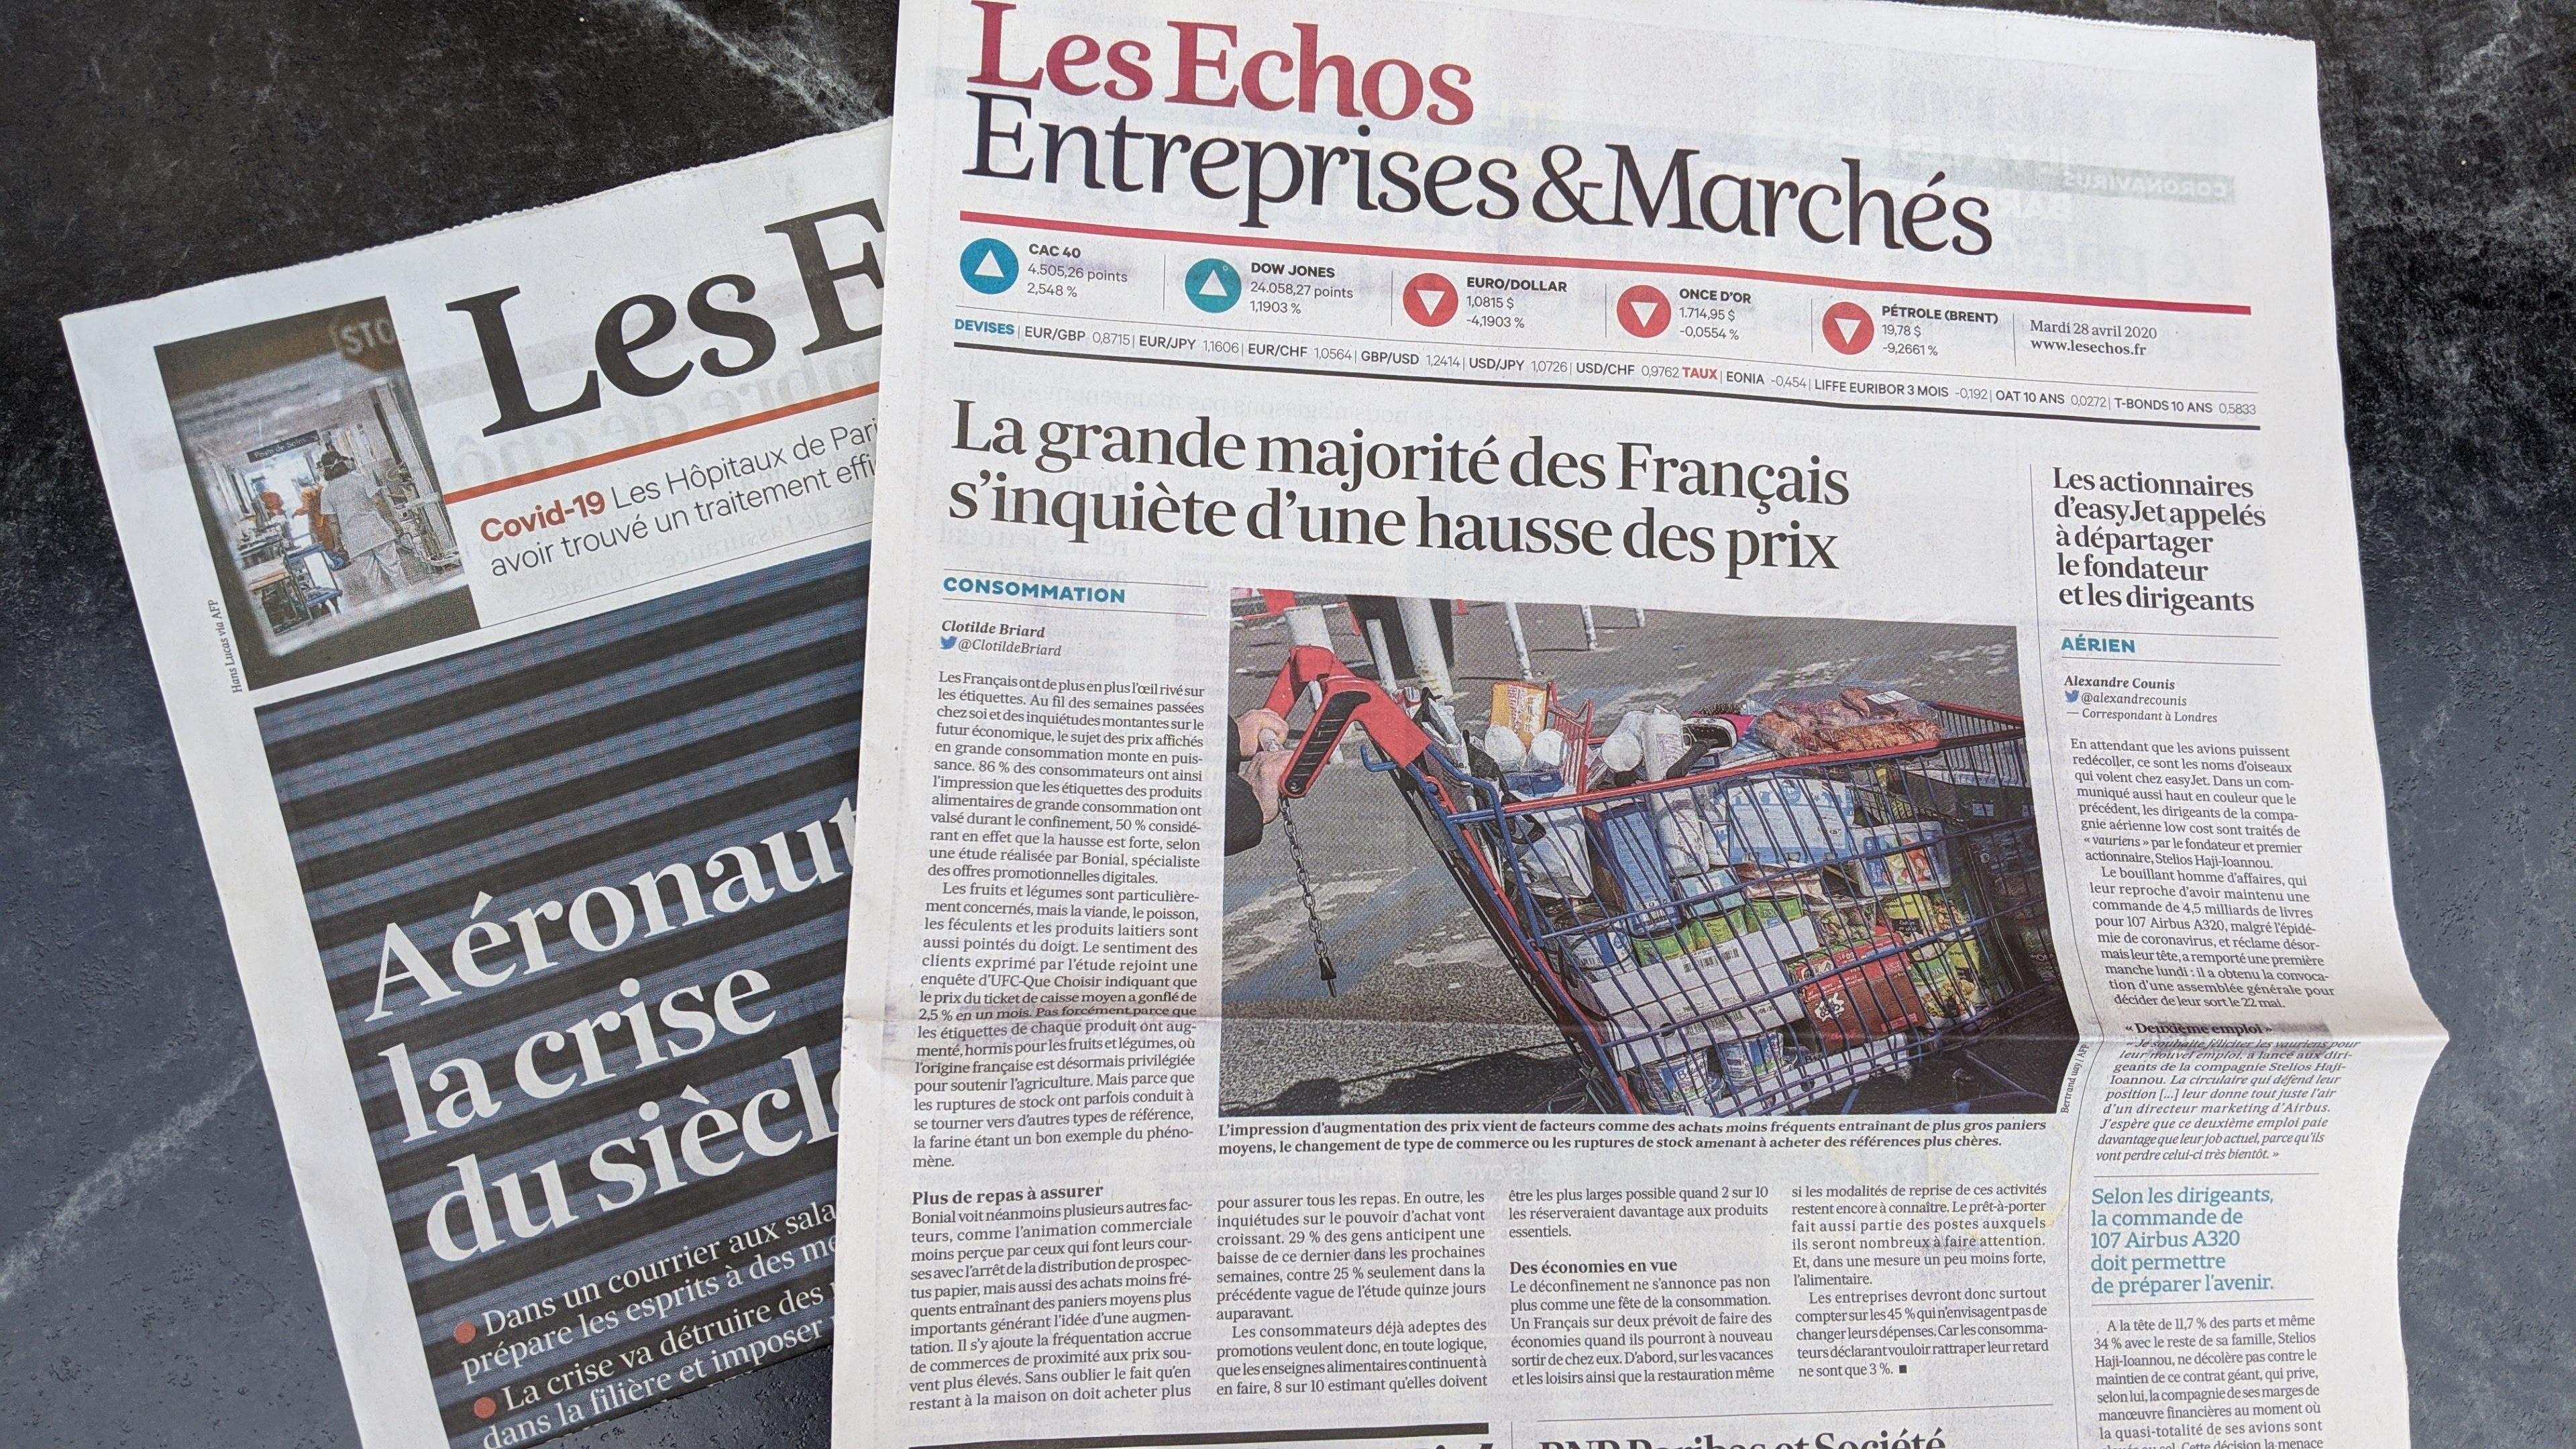 Coronavirus : la grande majorité des Français s'inquiète d'une hausse des prix